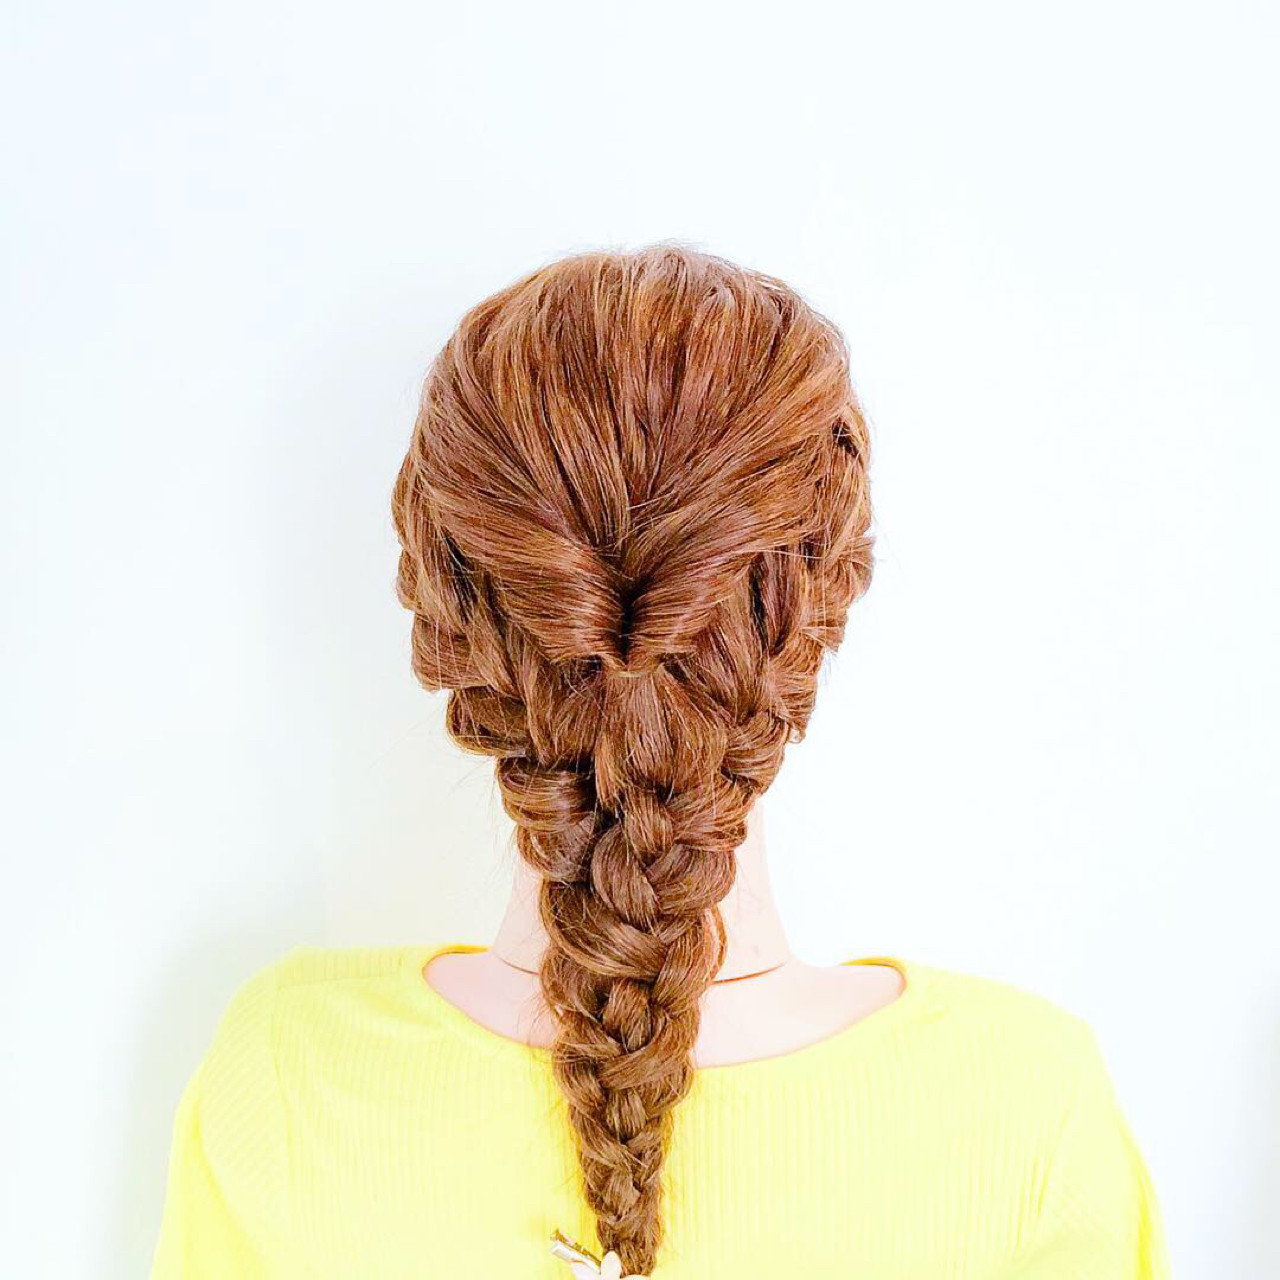 ヘアアレンジ フェミニン 結婚式 三つ編み ヘアスタイルや髪型の写真・画像